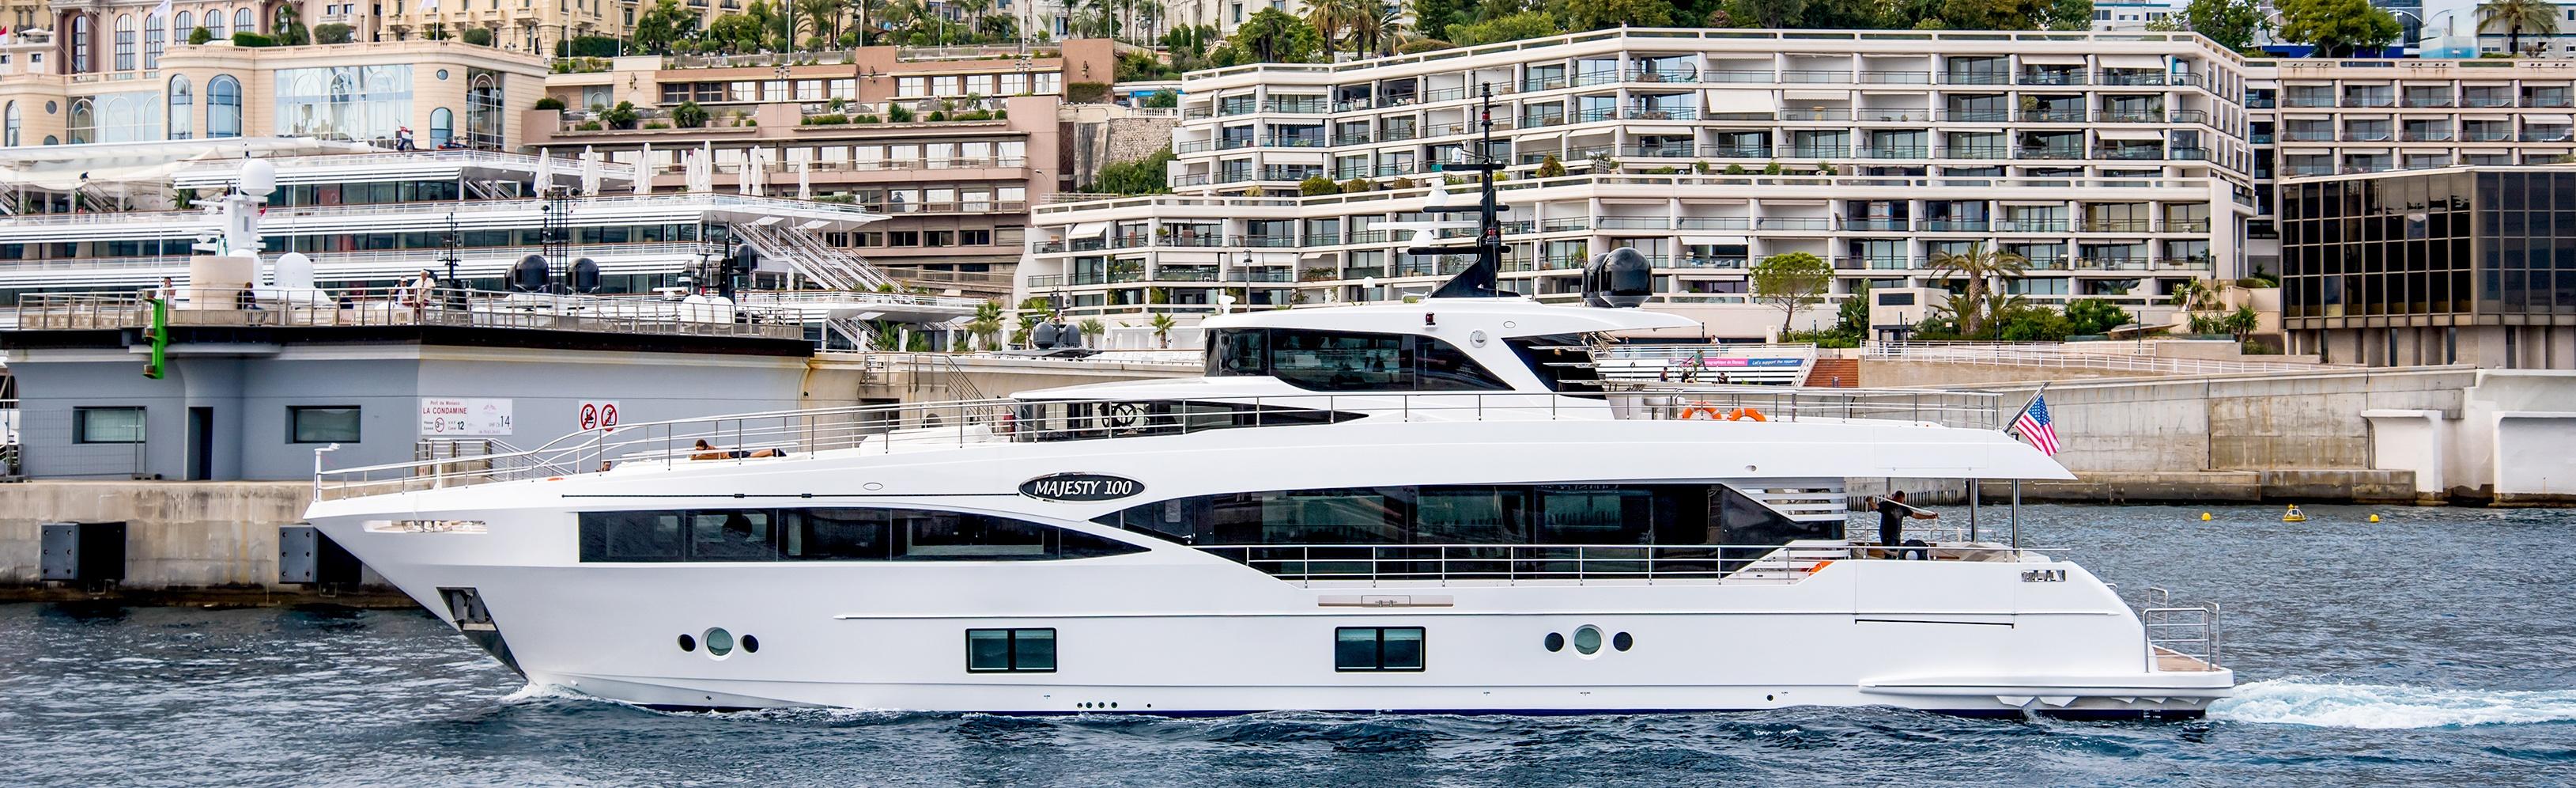 Majesty-100,-Monaco-Yacht-Show.jpg